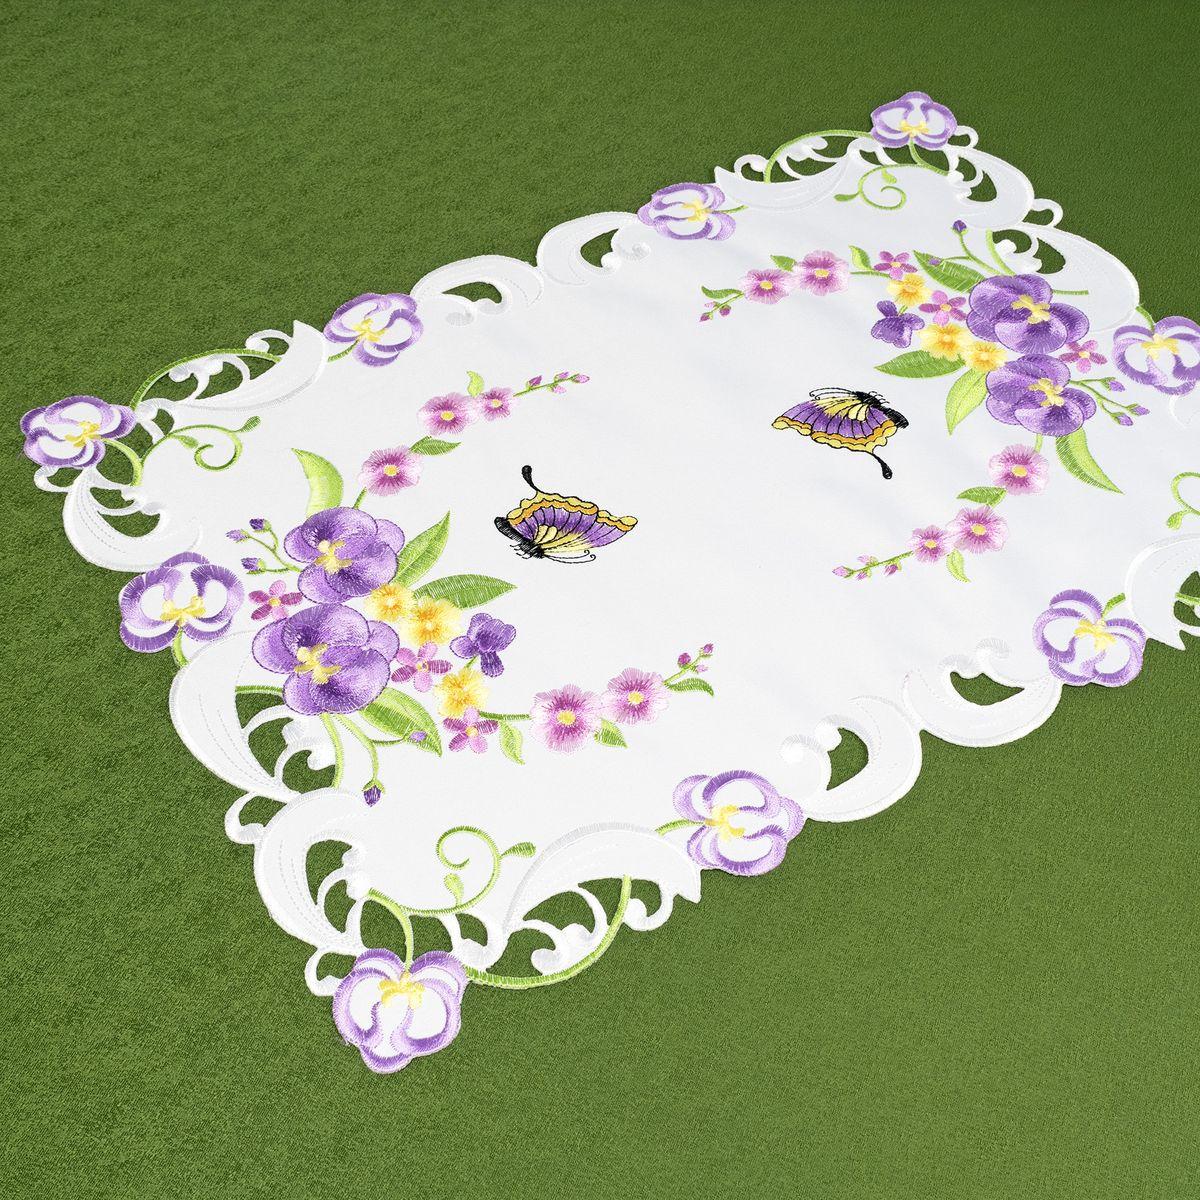 Салфетка Schaefer, 35 х 50 см. 07745-30307745-303Яркая и красивая салфетка Schaefer, выполненная из полиэстера, украшена красочным изображением. Изделие легко стирать и гладить, оно не требует специального ухода. Вы можете использовать салфетку для декорирования стола, комода, журнального столика. Она добавит в ваш дом стиля, изысканности и убережет мебель от царапин и потертостей.